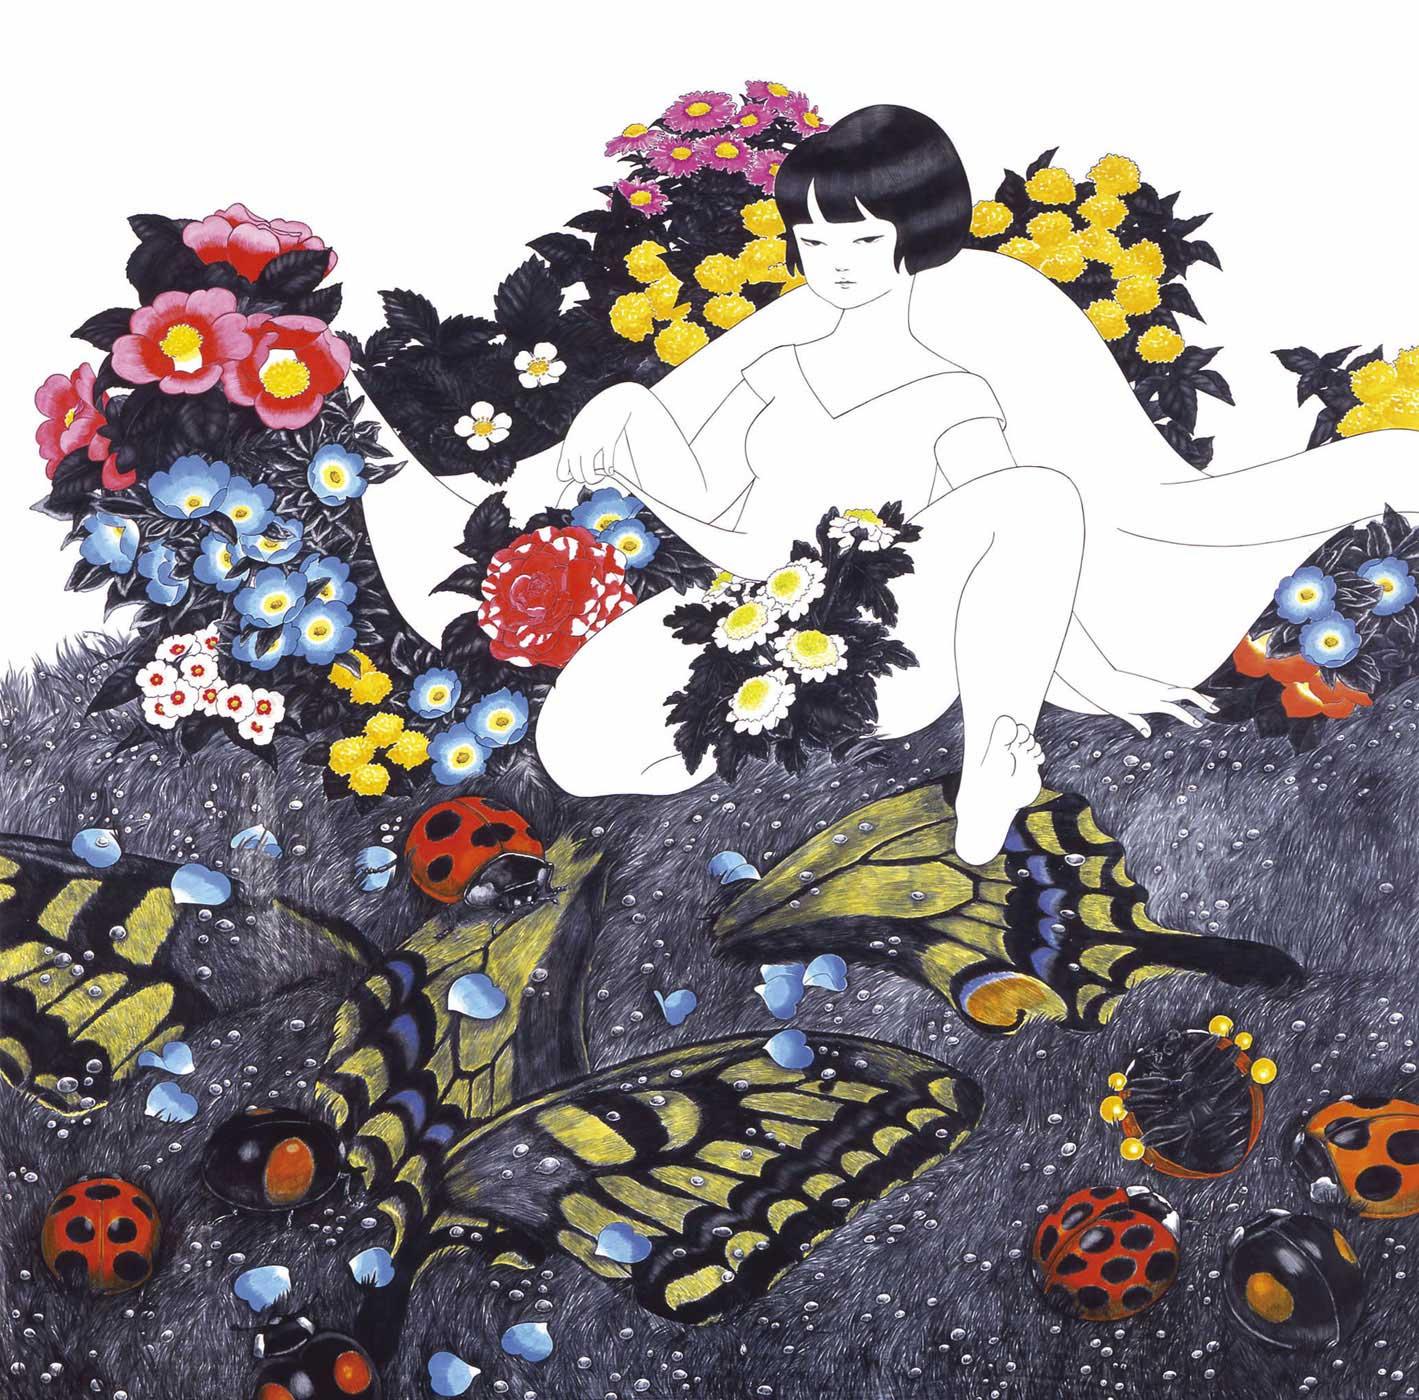 Akino Kondoh